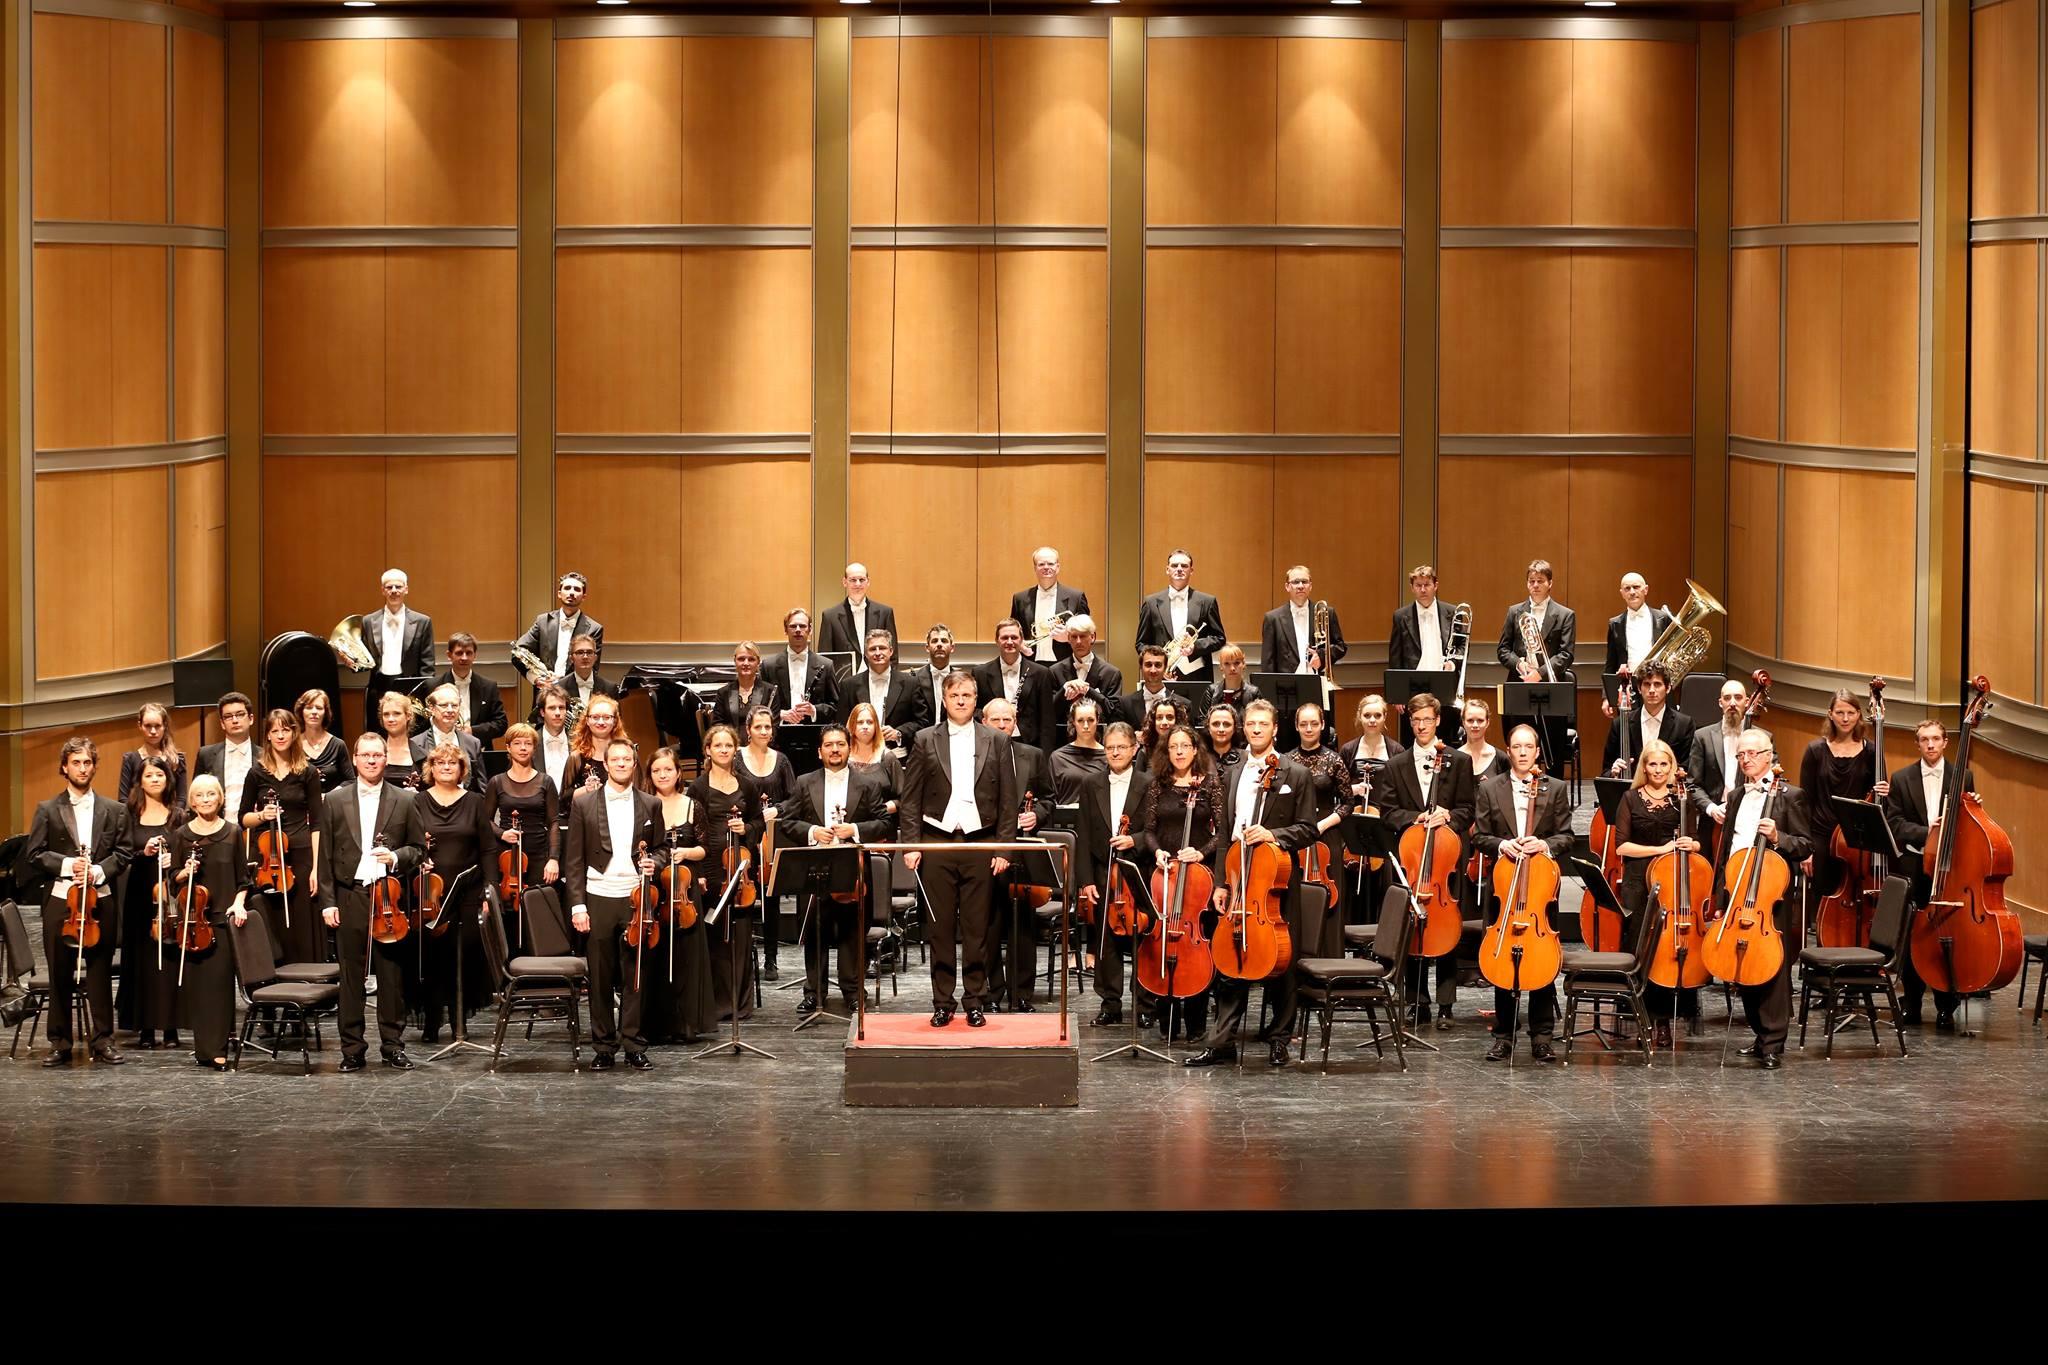 Preview: 2. Sinfoniekonzert